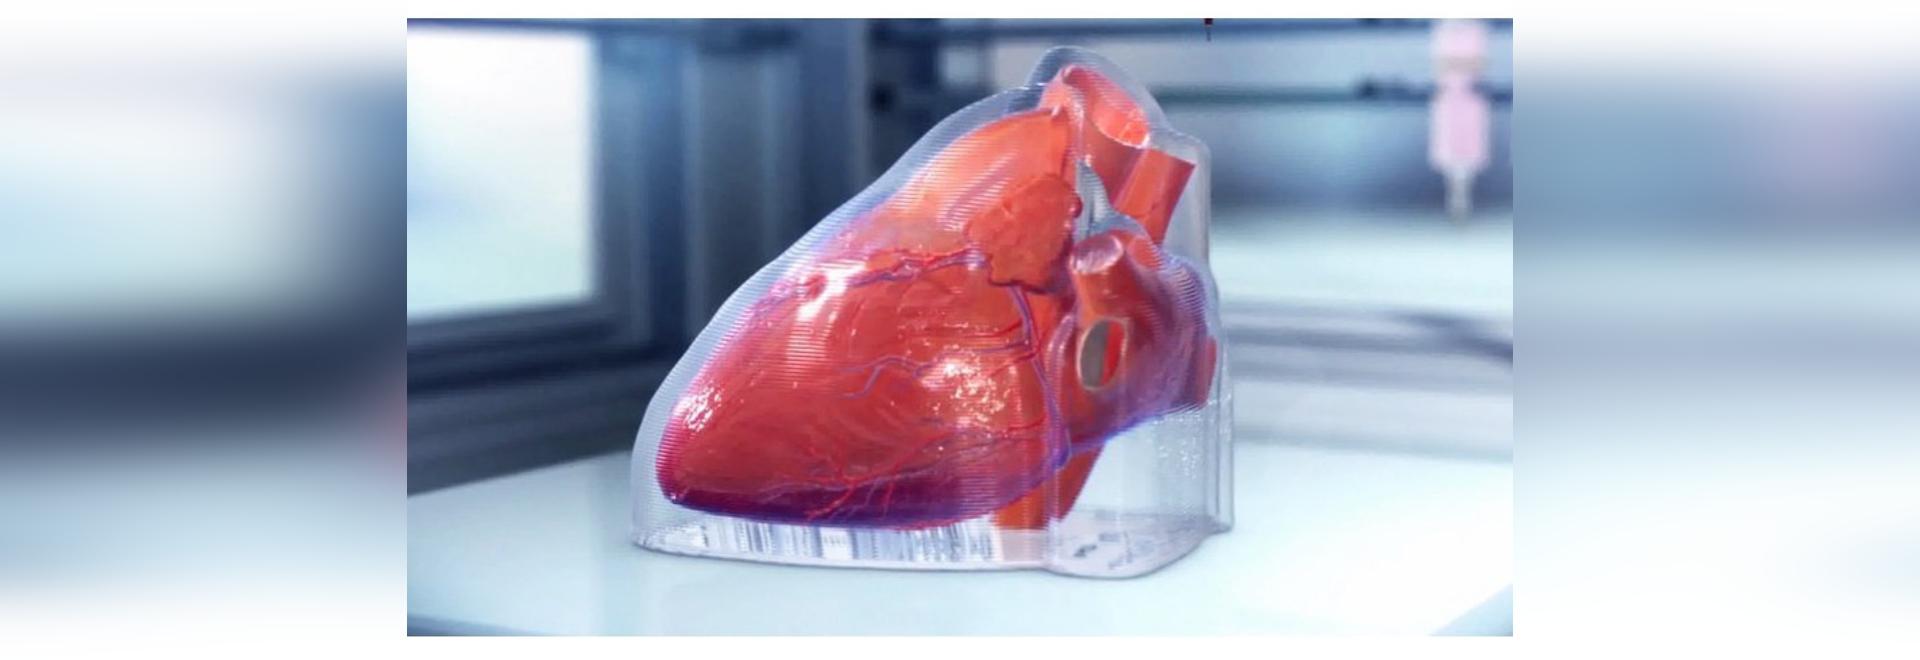 das in Chicago ansässige Biotech-Unternehmen hat ein miniaturisiertes menschliches Herz in 3D gedruckt